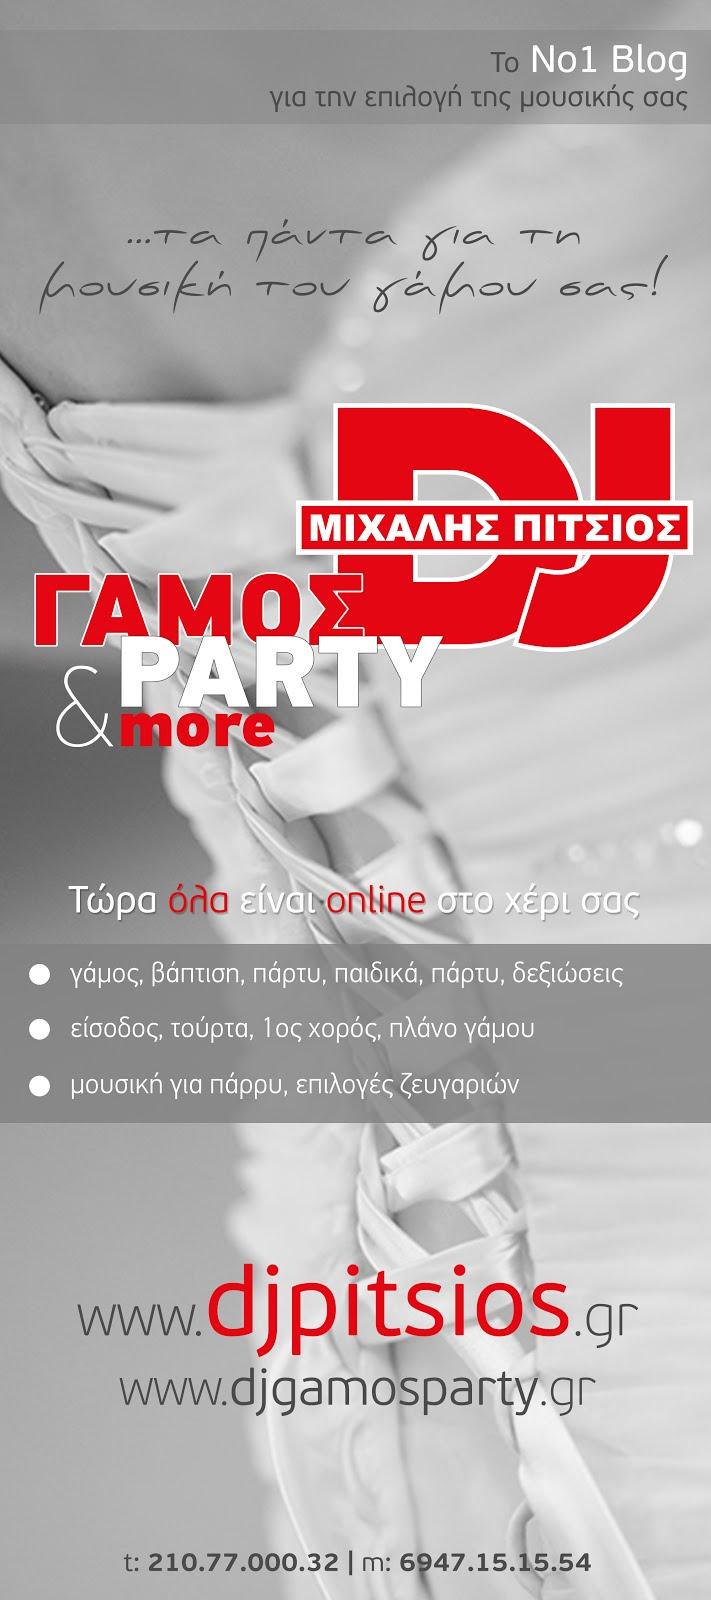 Μουσικές επιλογές - djPitsios.gr